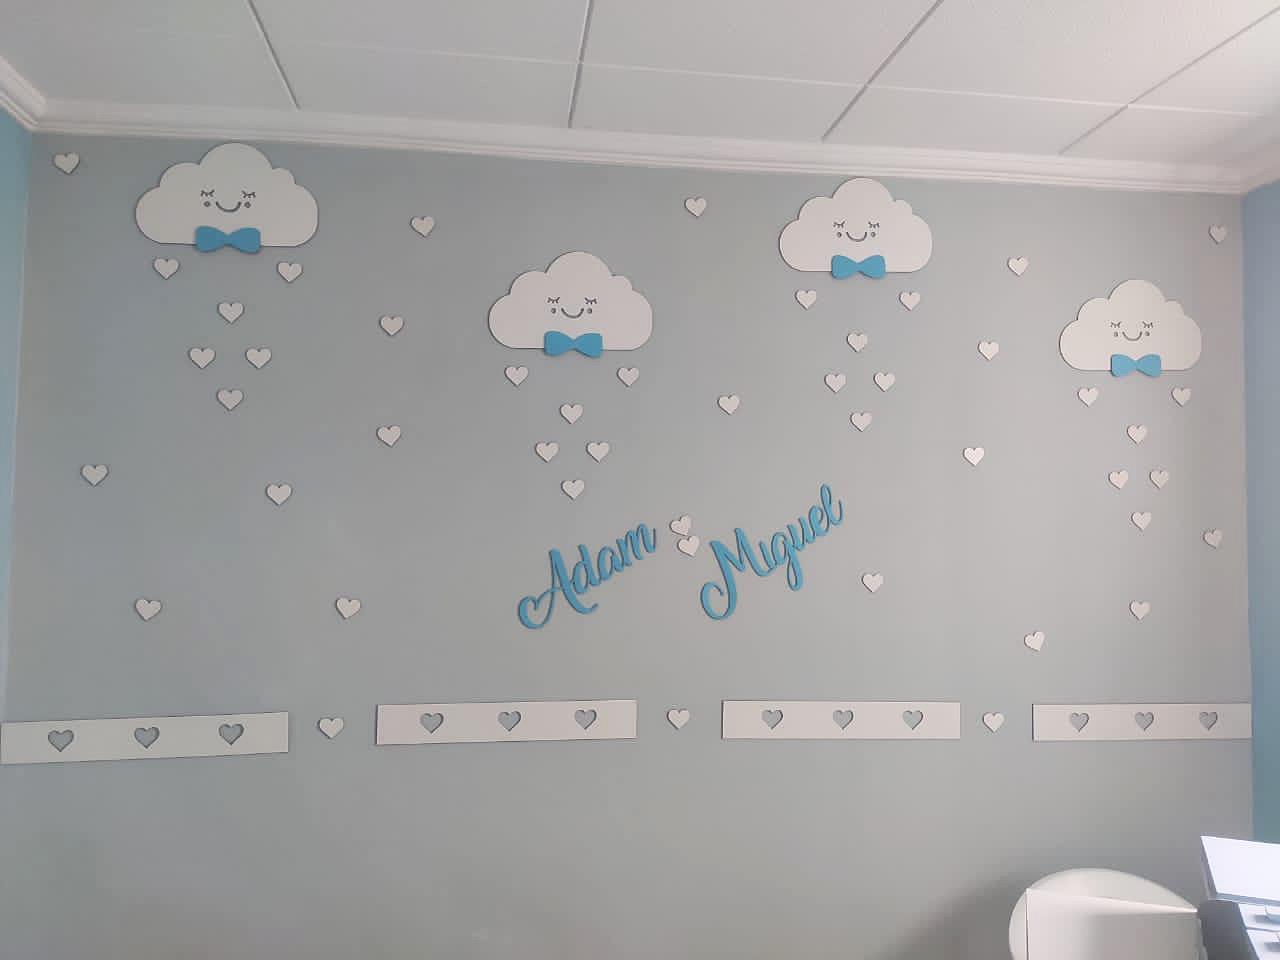 Kit Painel de Parede Completo 48 peças Nuvens Chuva de Amor Personalizado Menino - Nome e Gravatas Coloridos